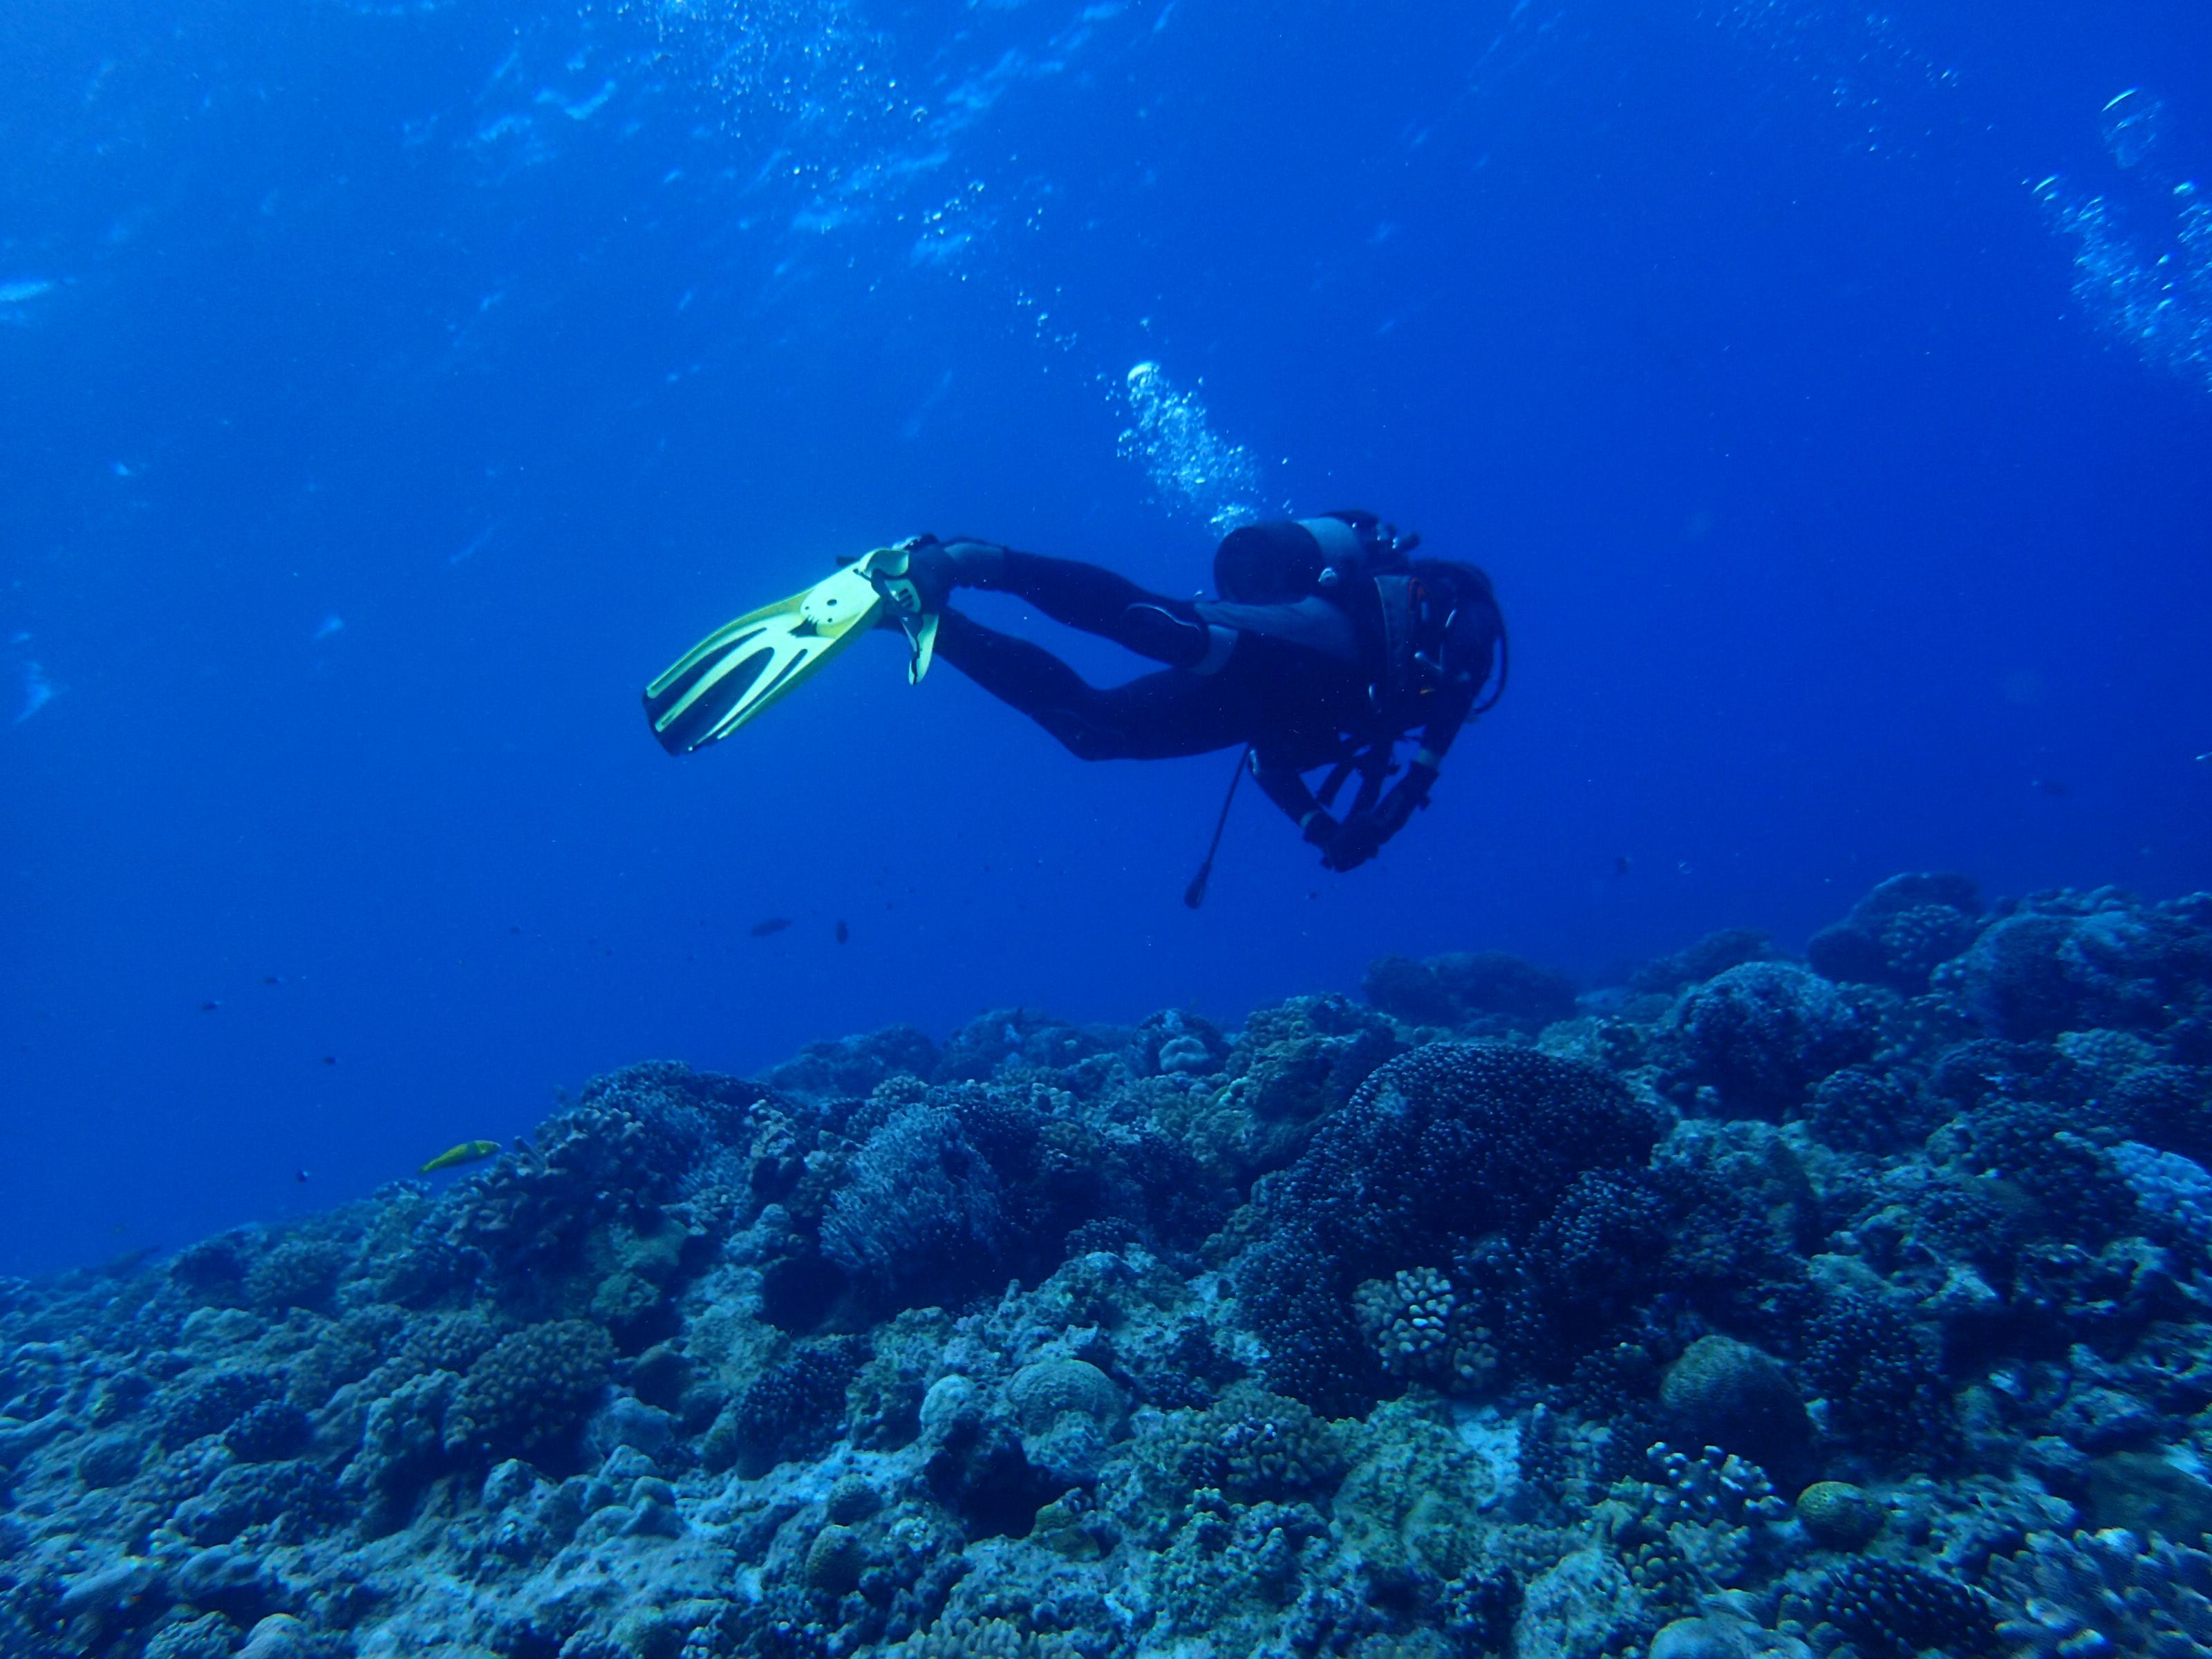 2016年7月15日 慶良間群島線路有執照潛水2